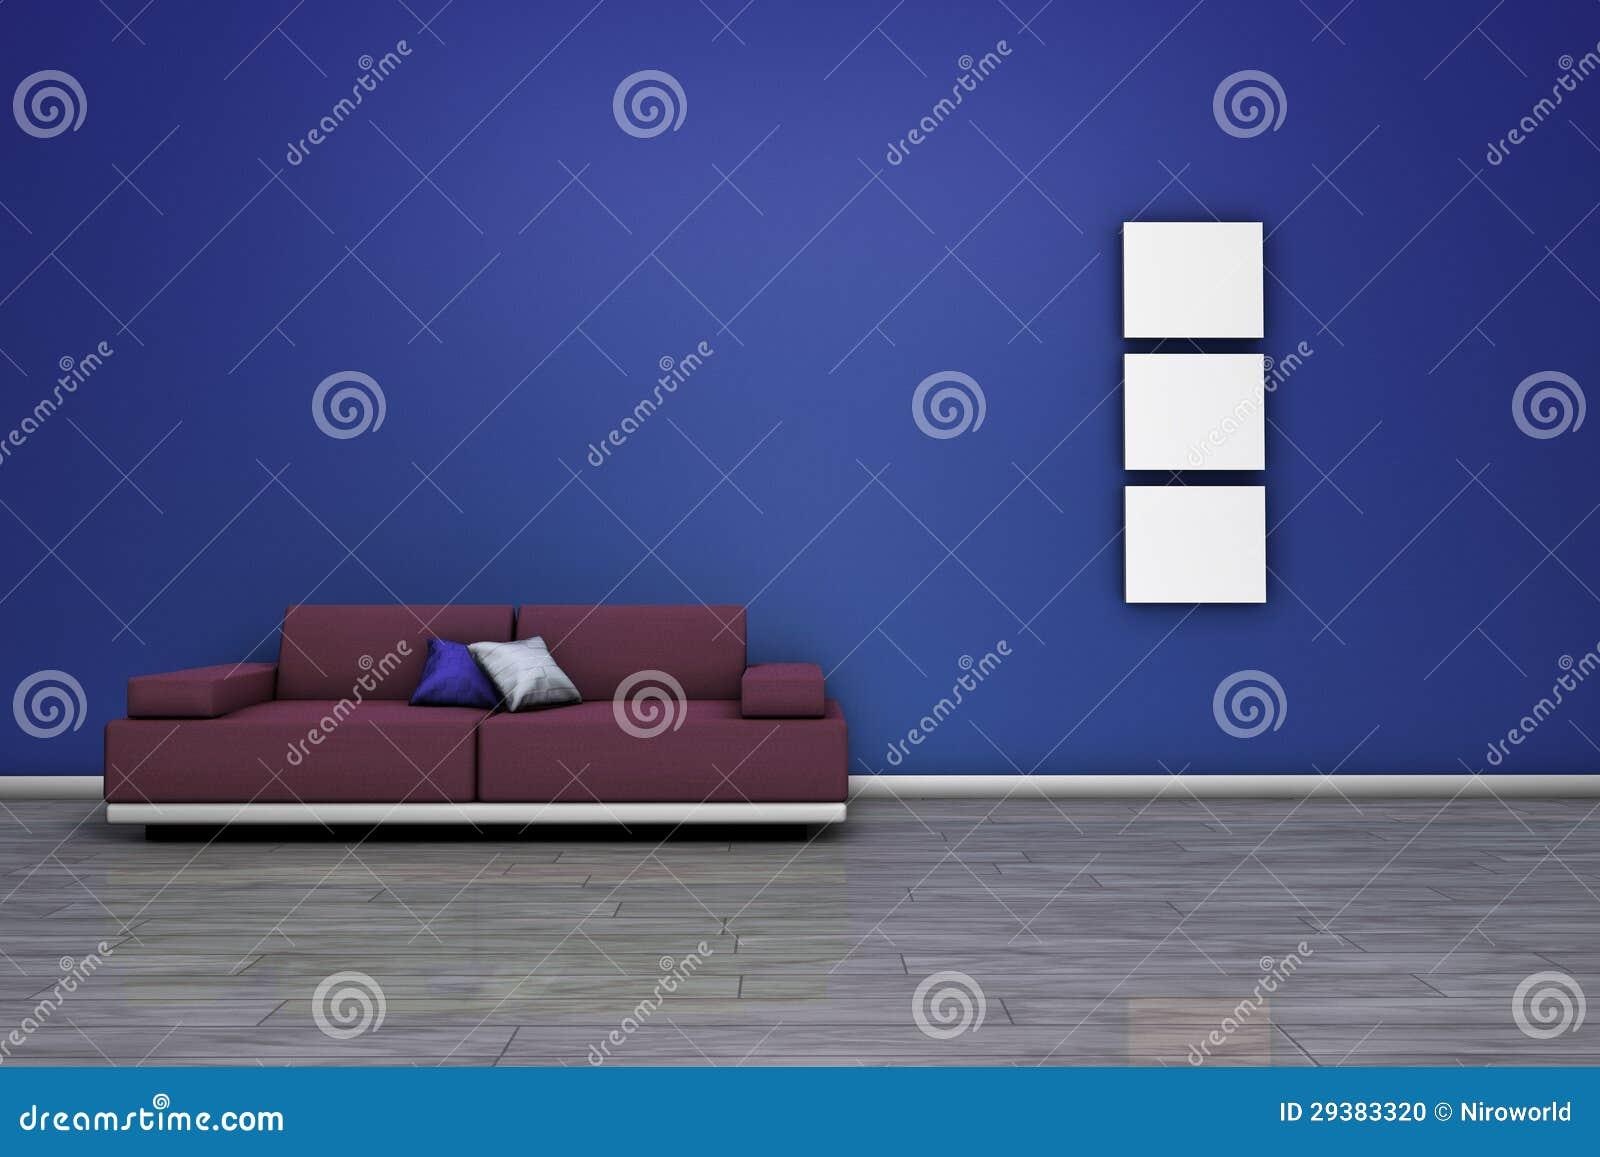 Blauwe muur woonkamer ~ Artikill.com